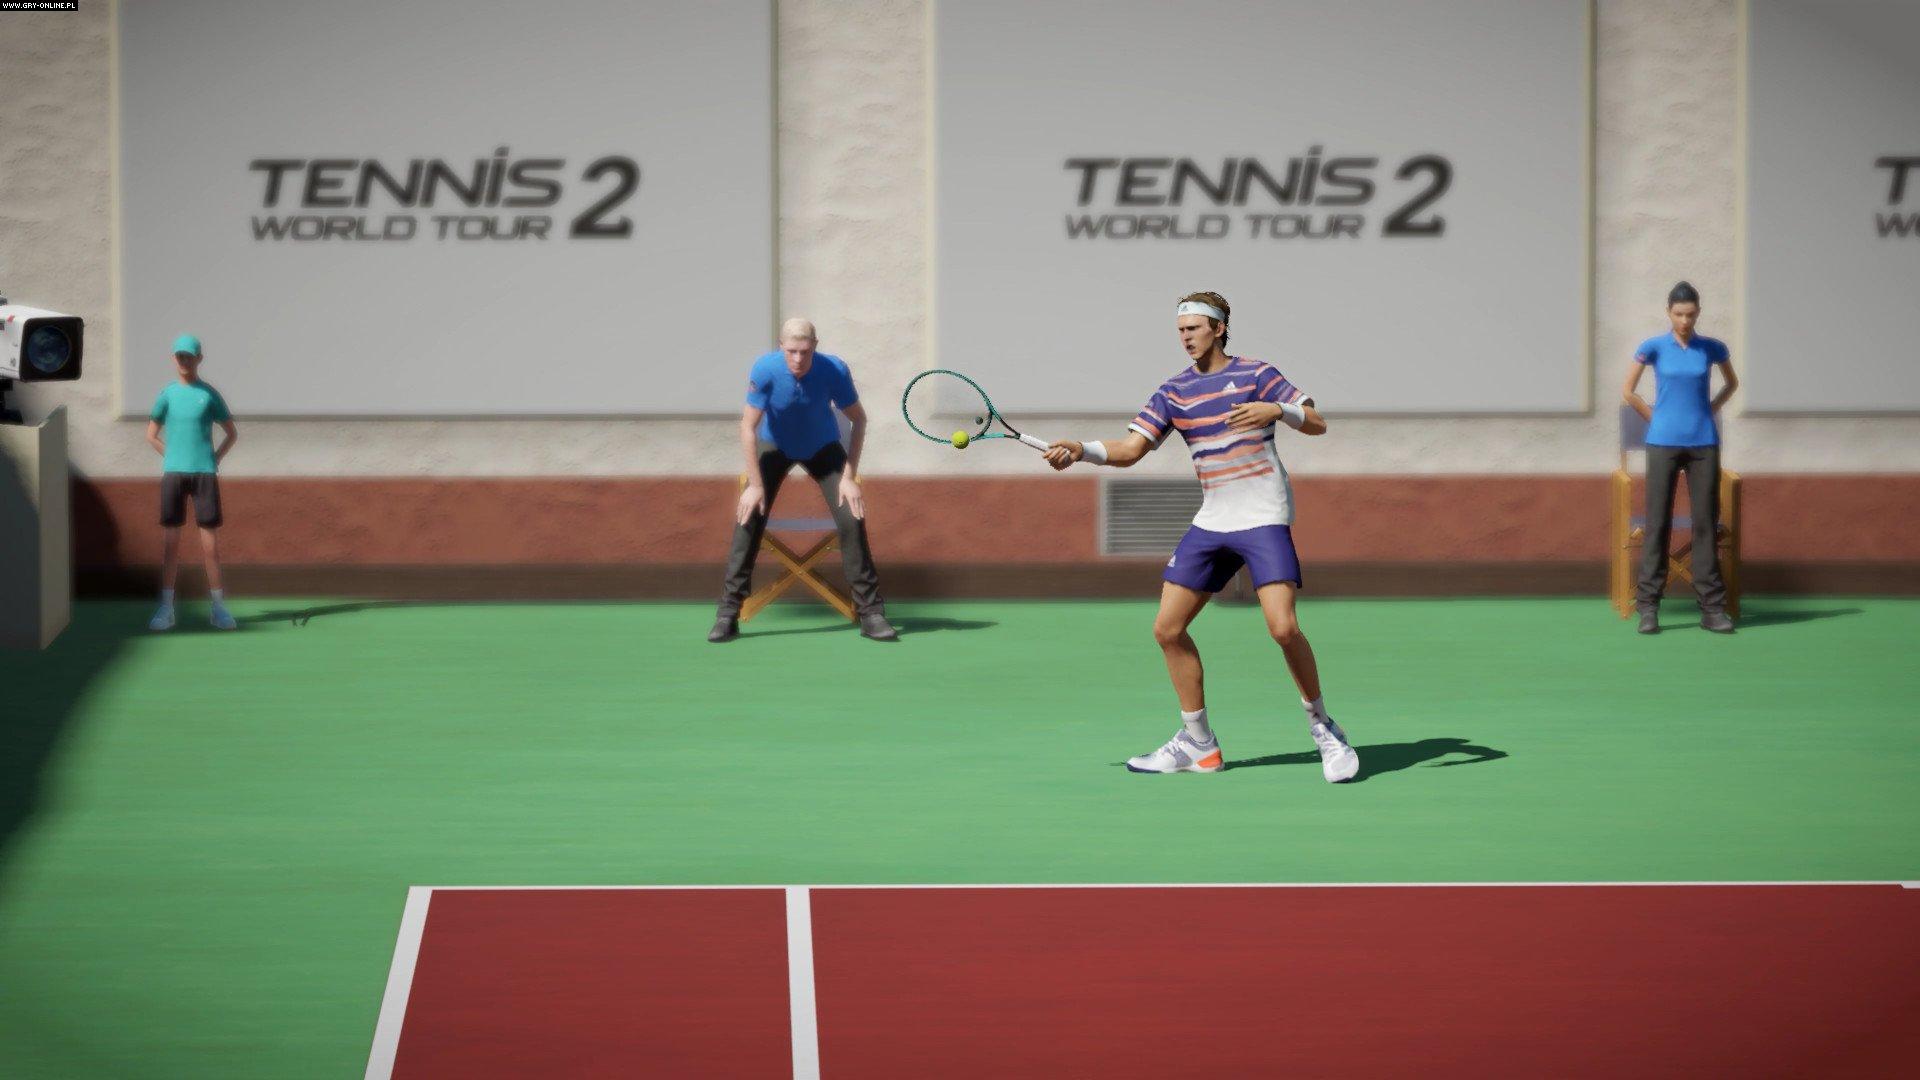 Tennis World Tour 2- game,